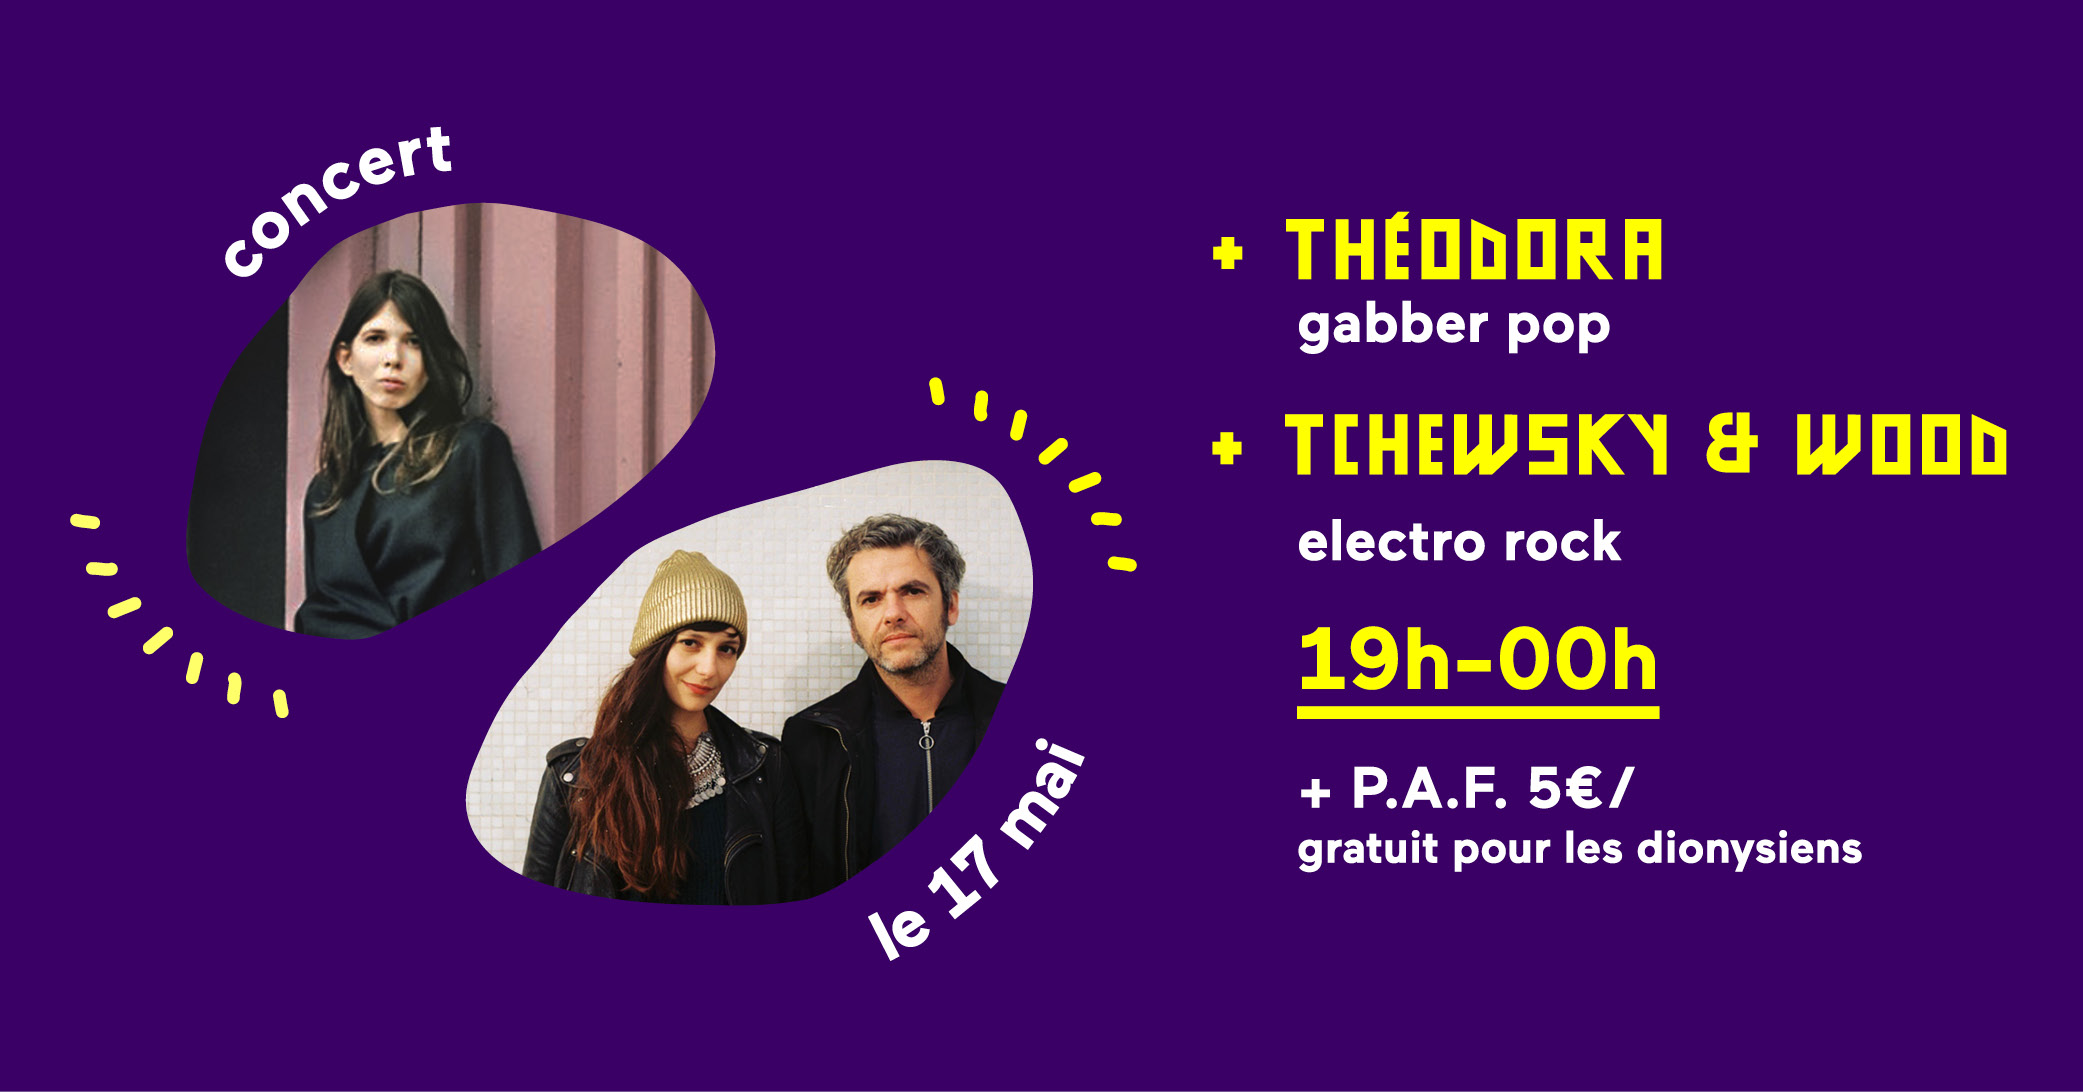 Theodora +Tchewsky & Wood